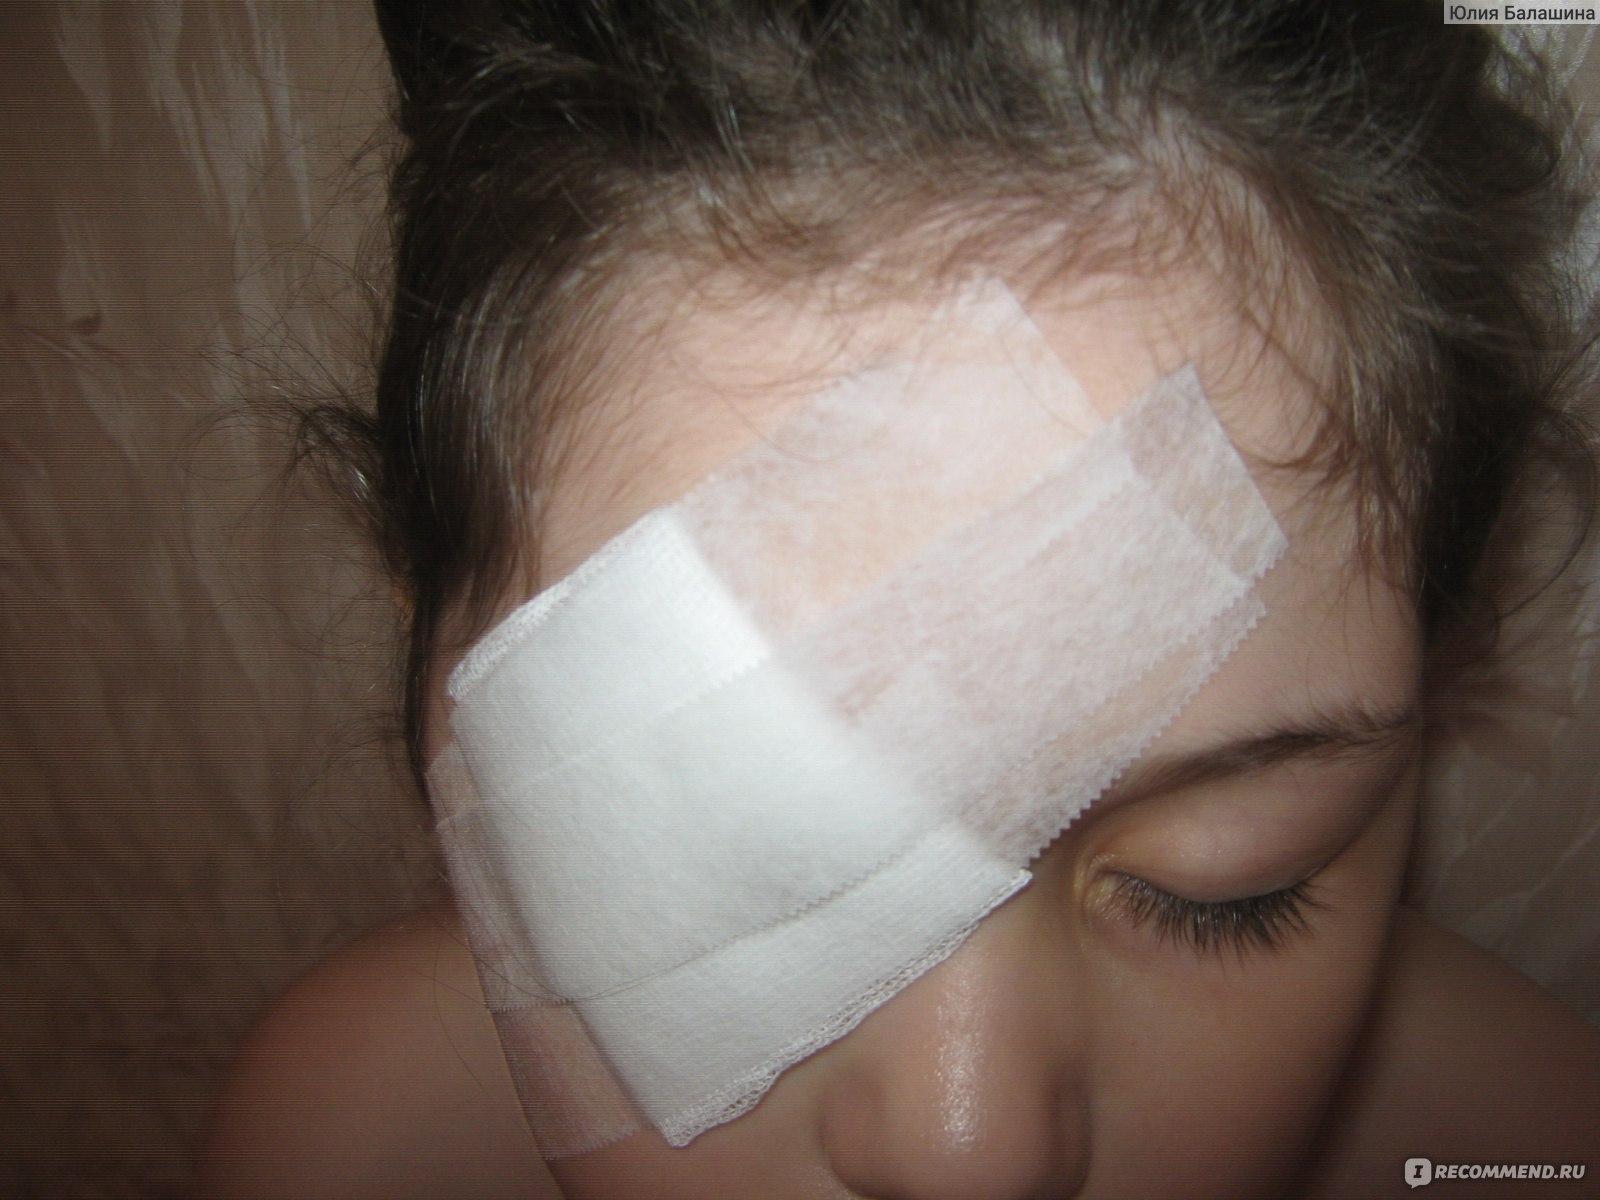 Лечение халязиона у детей – причины, как и чем лечить без операции